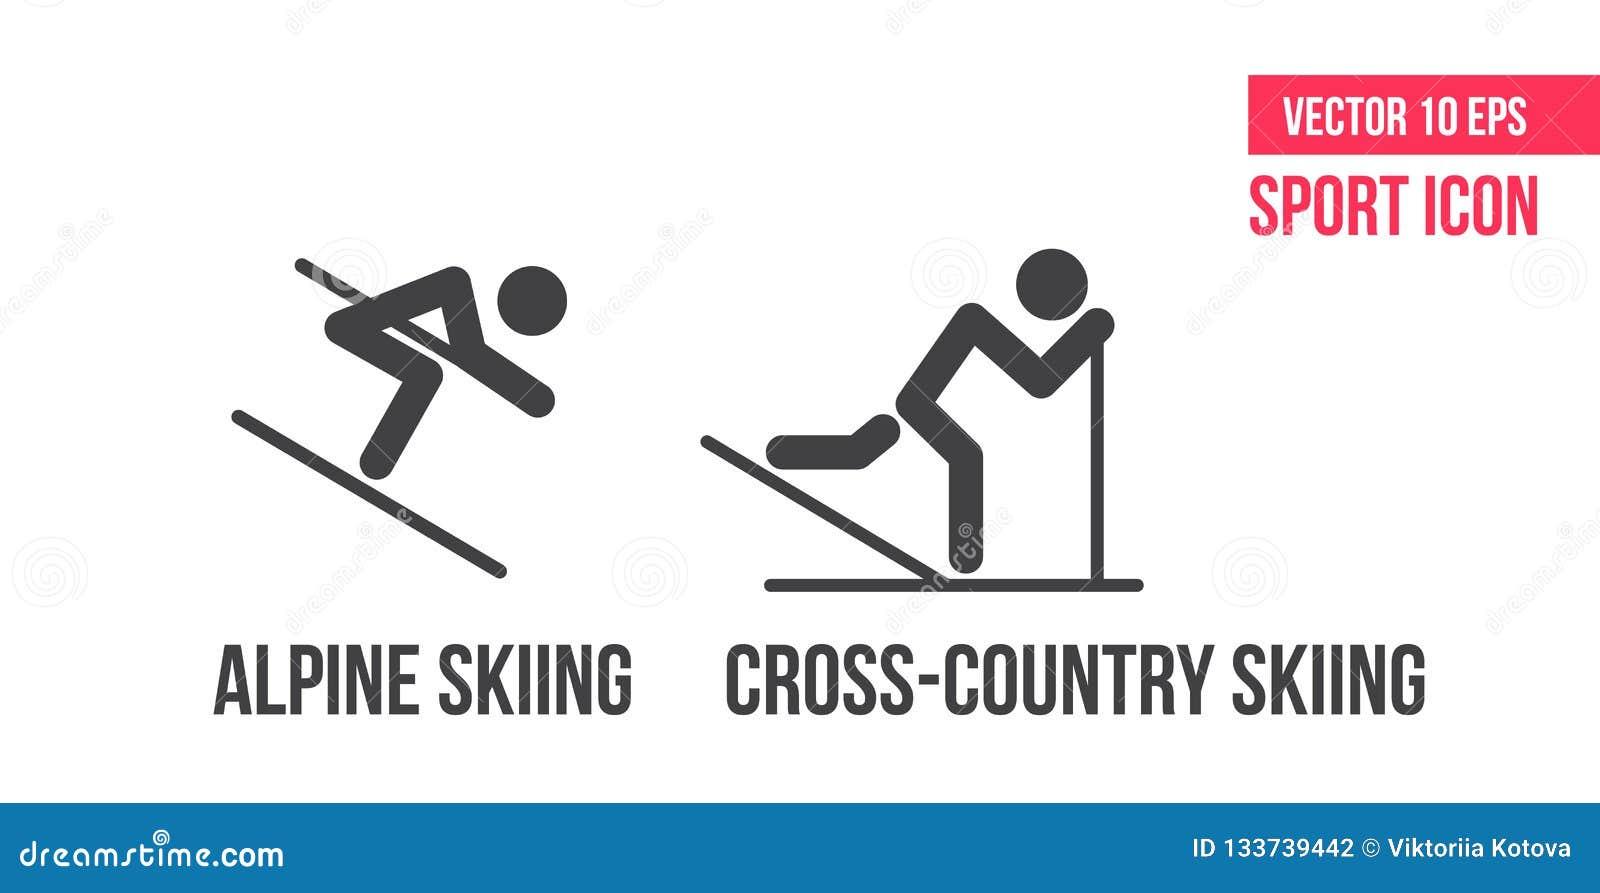 Ski de fond, icône nordique de combinedsign d und de ski alpin, logo Placez de la ligne icônes, pictogramme de vecteur de sport d